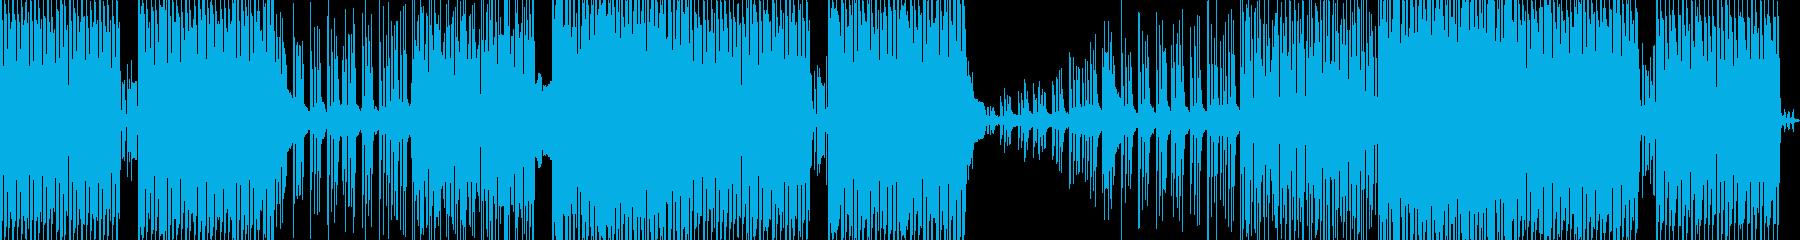 ファンキーなシンセポップ/エレクト...の再生済みの波形